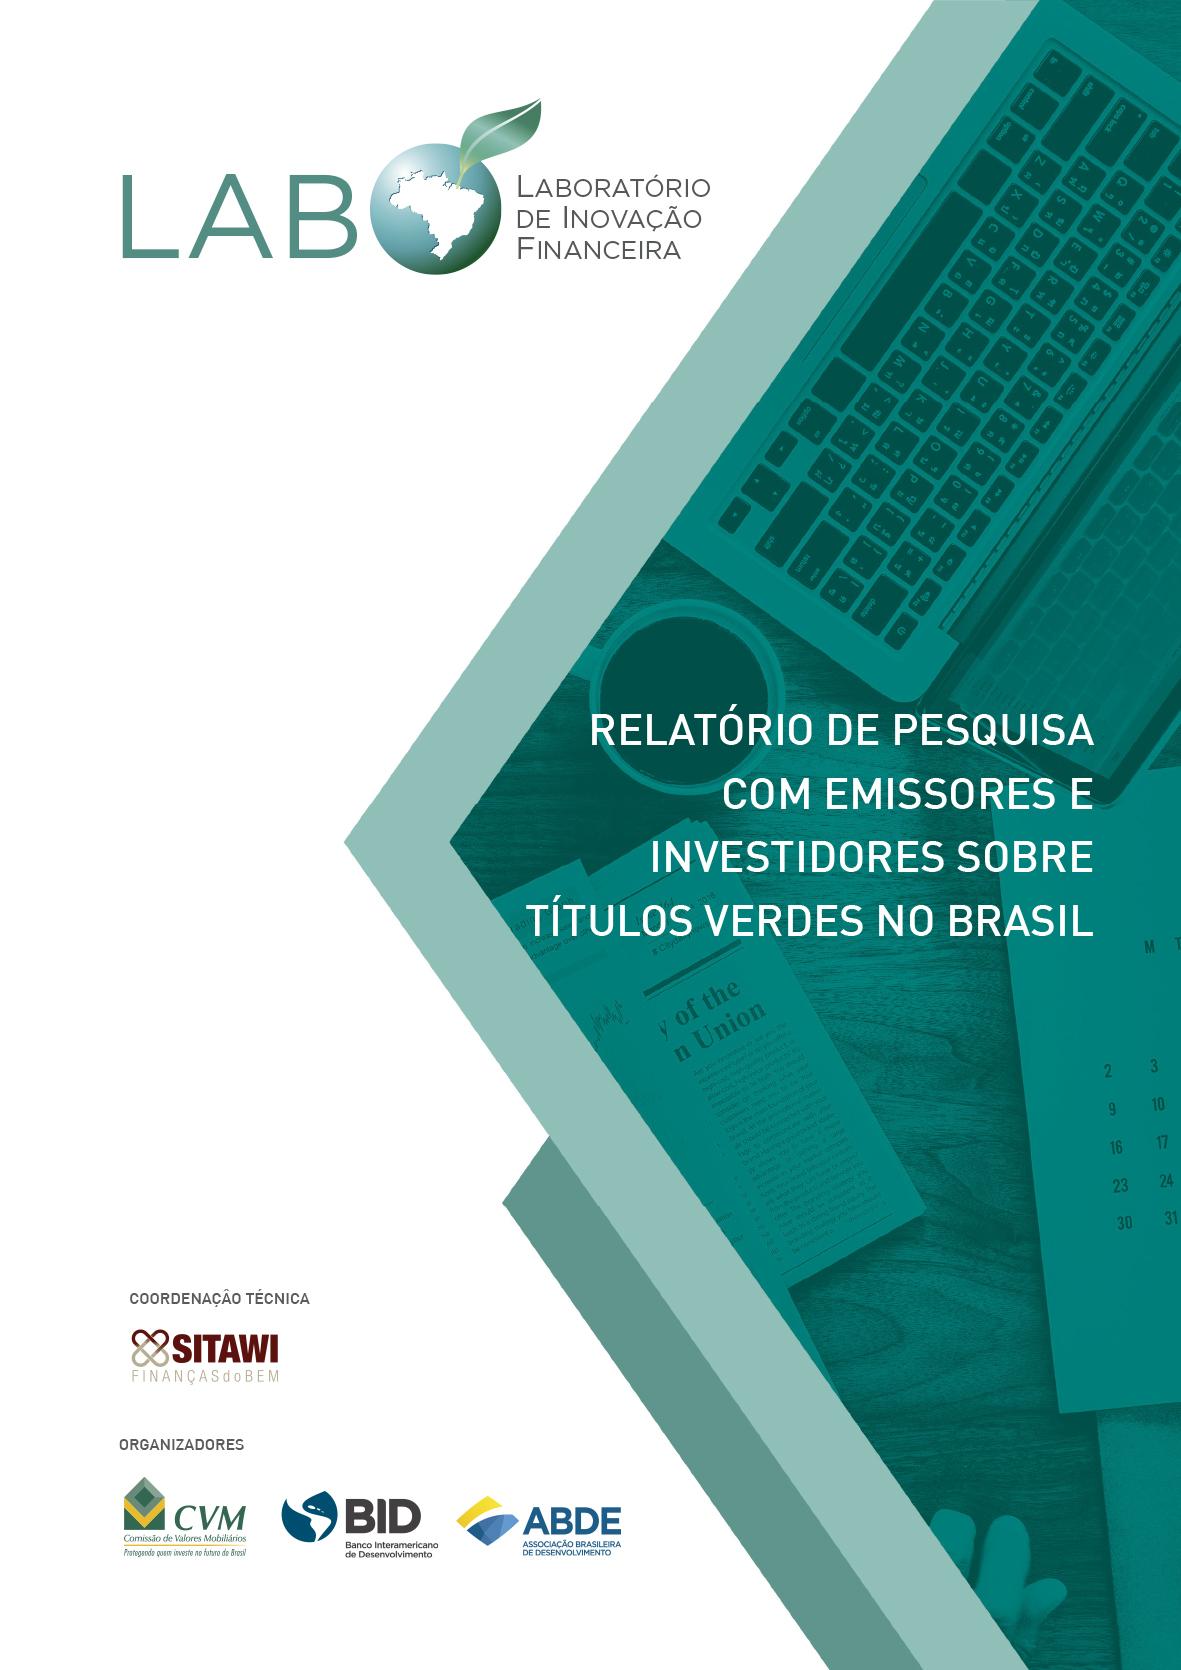 relatório_de_pesquisa_9.indd